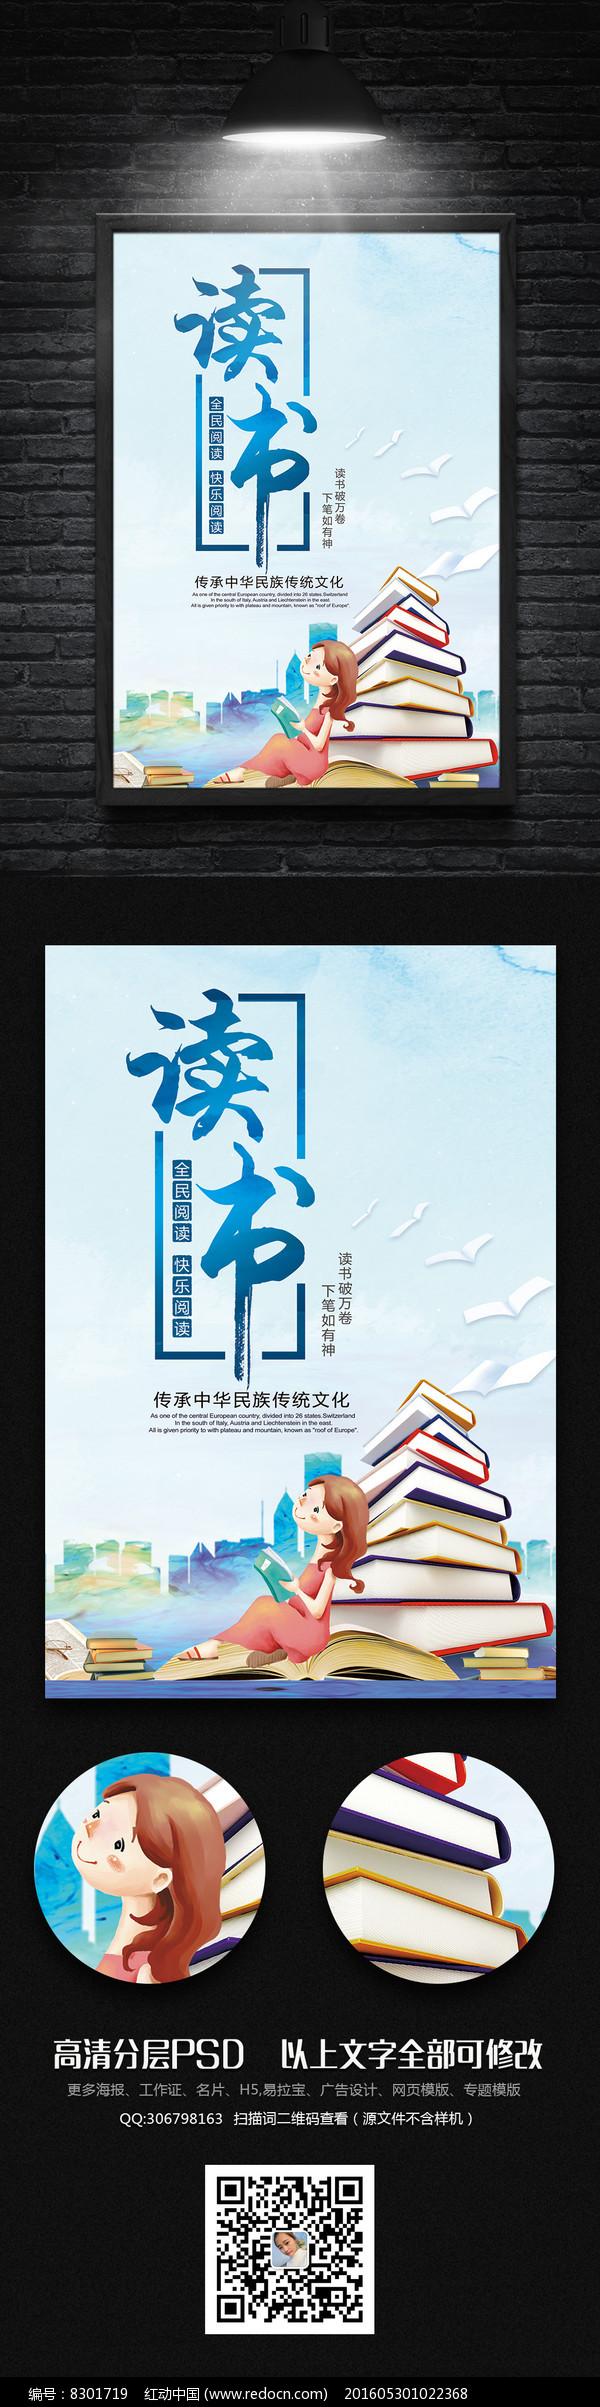 手绘水彩阅读读书海报设计